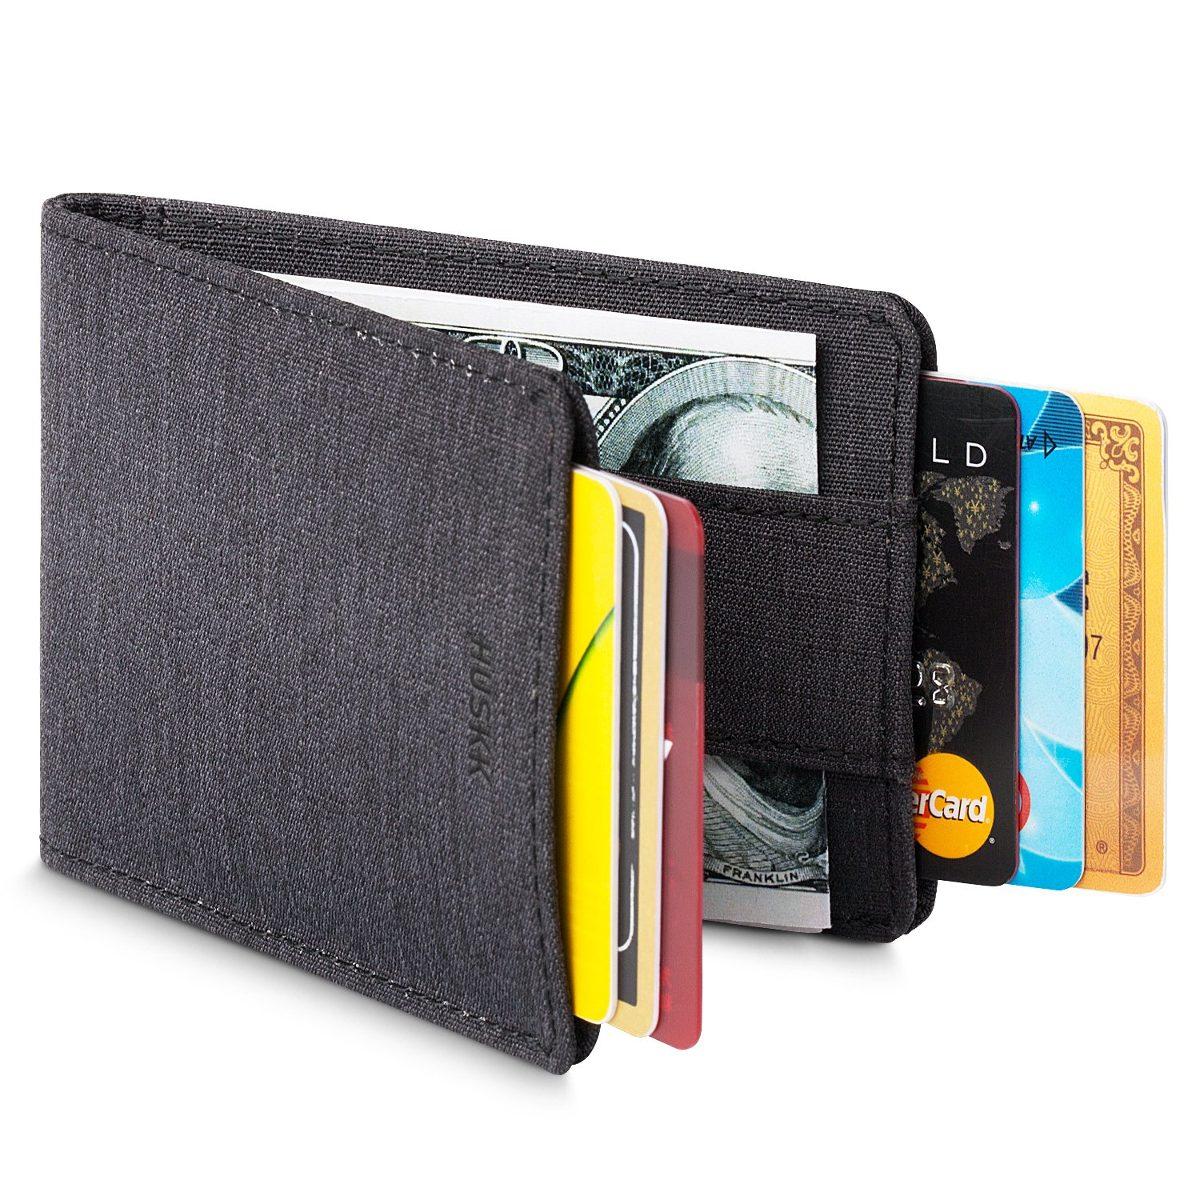 80fc3478866 carteras de hombre delgadas para hombres - porta tarjetas. Cargando zoom.